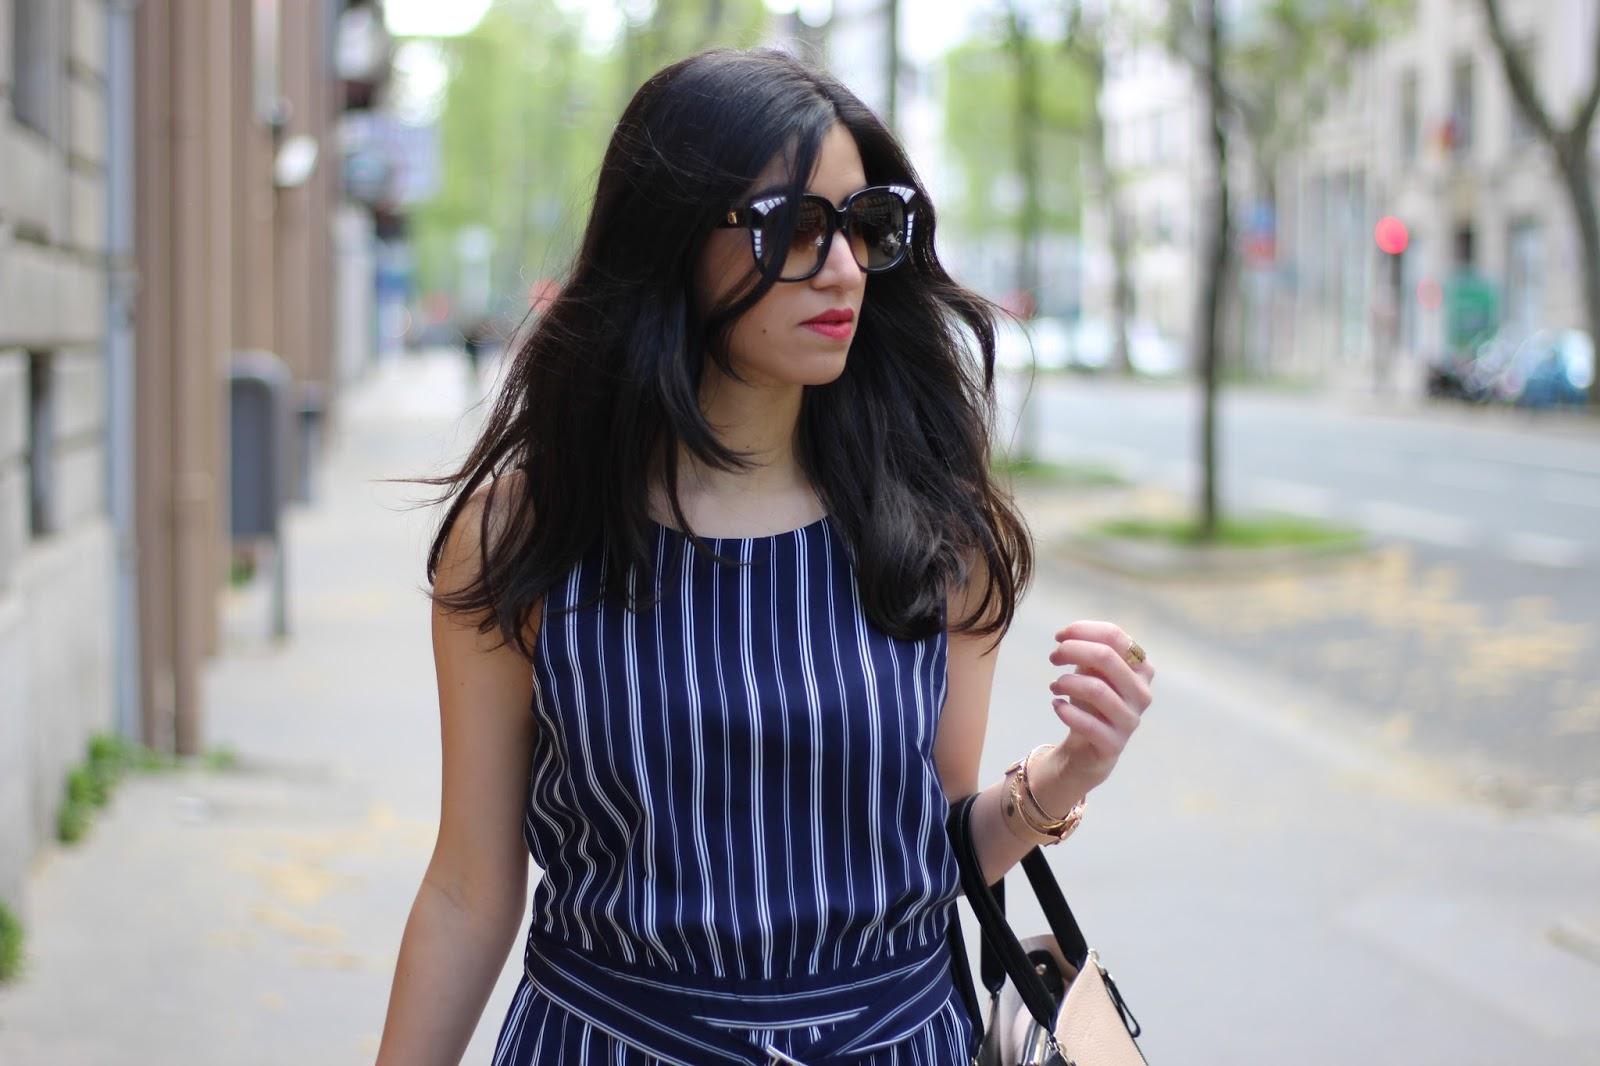 blog mode, blog mode lyon, blog mode lyon paris, blog mode paris, newlook, discoverss16, blogueuse mode, blogueuse lyonnaise, combinaison rayée, montre les partisanes